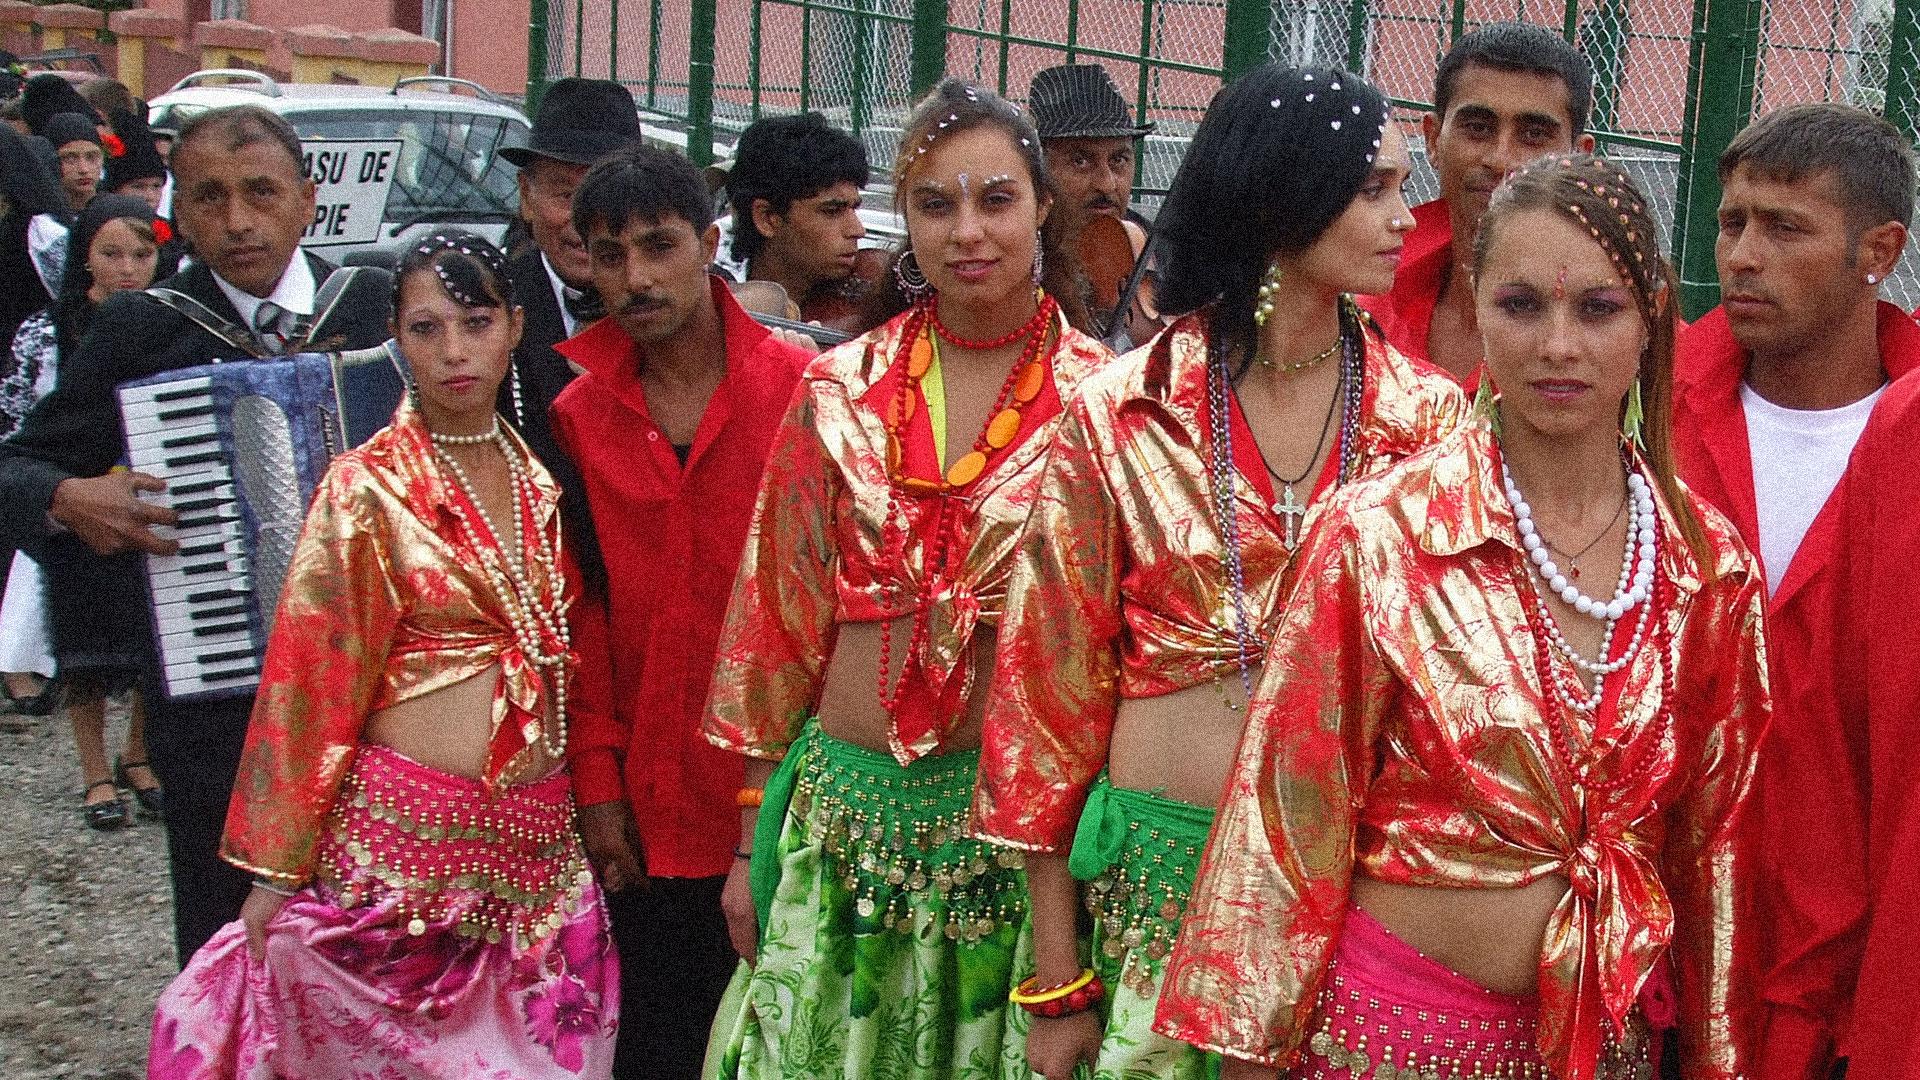 8 квітня — Міжнародний день циган. Етнічна група рома́ — одна із західних гілок циган — фото 2